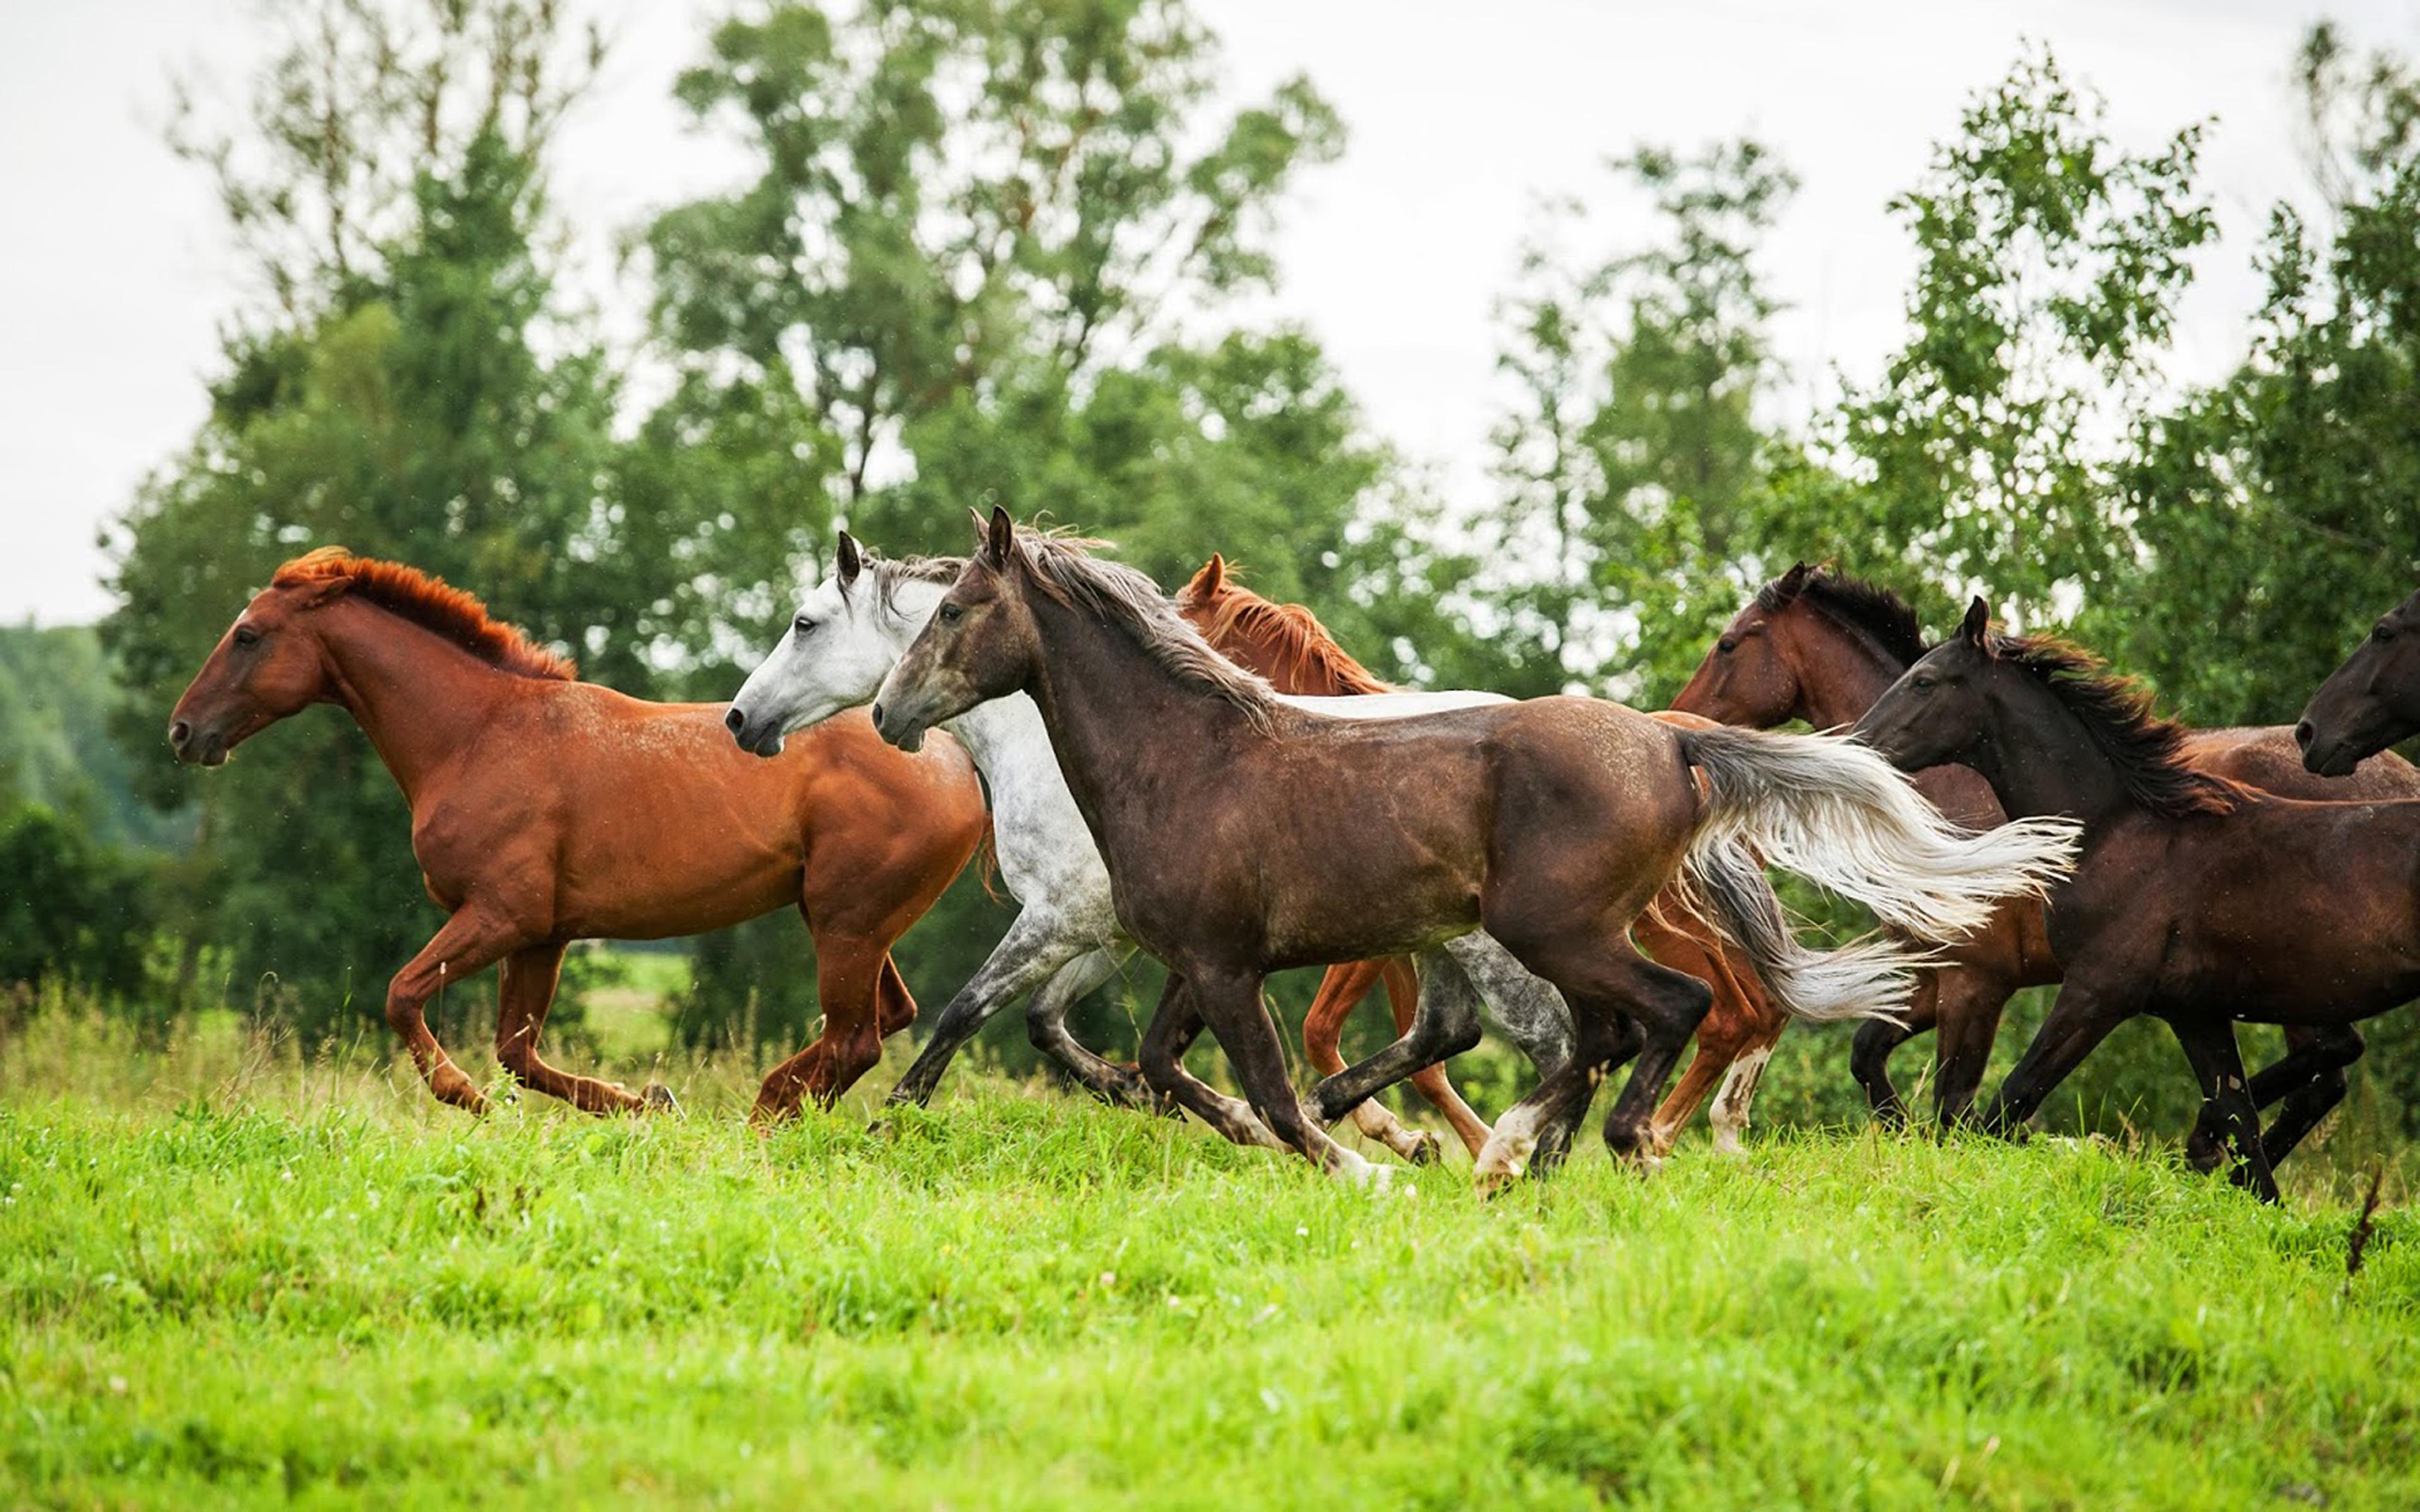 Beautiful Wild Horses Running 3840x2400 Wallpaper Teahub Io